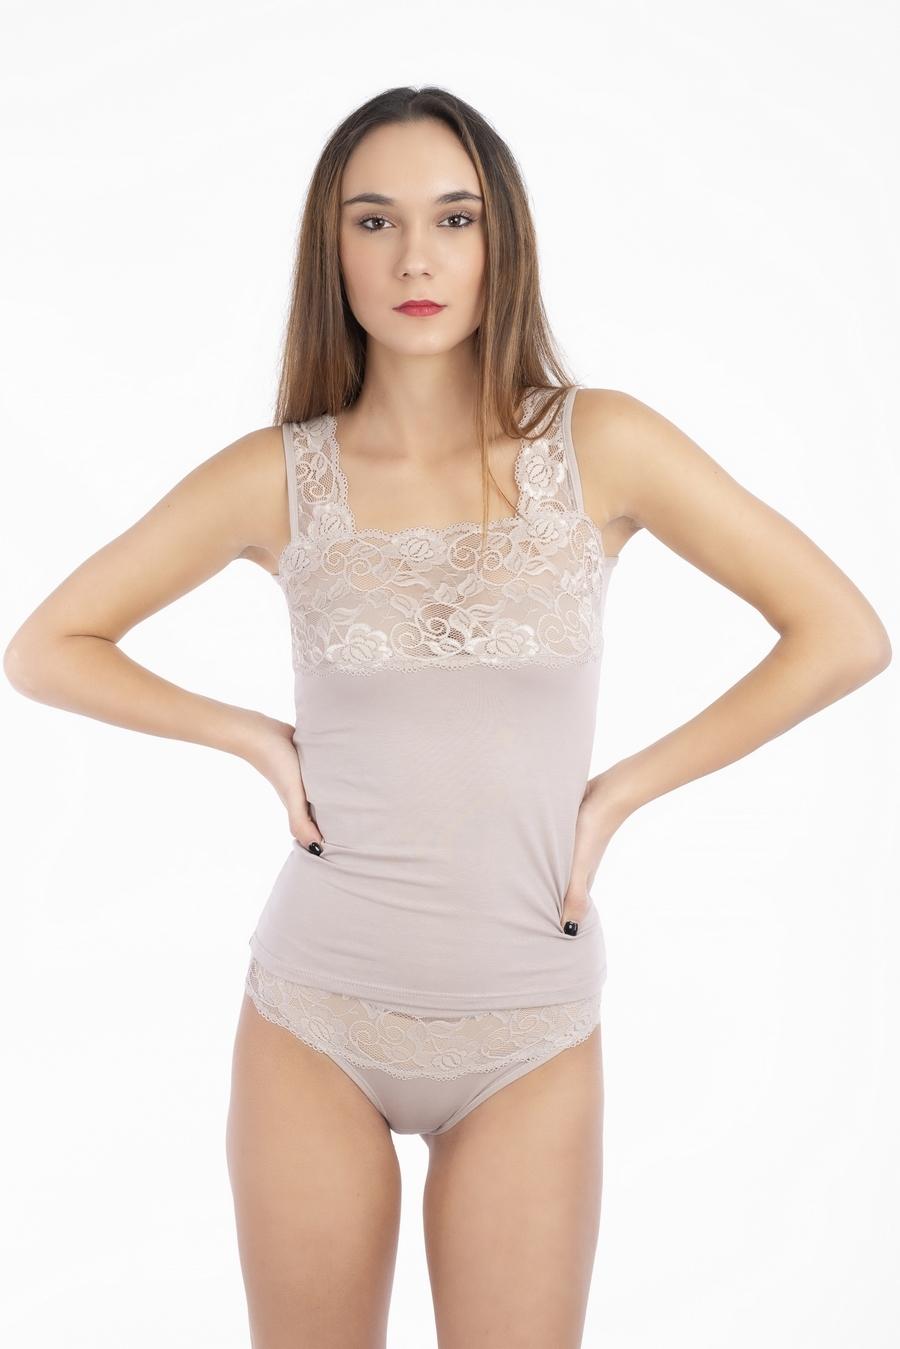 ART.T75 Canotta donna spalla larga in cotone modal con spalla e top in pizzo